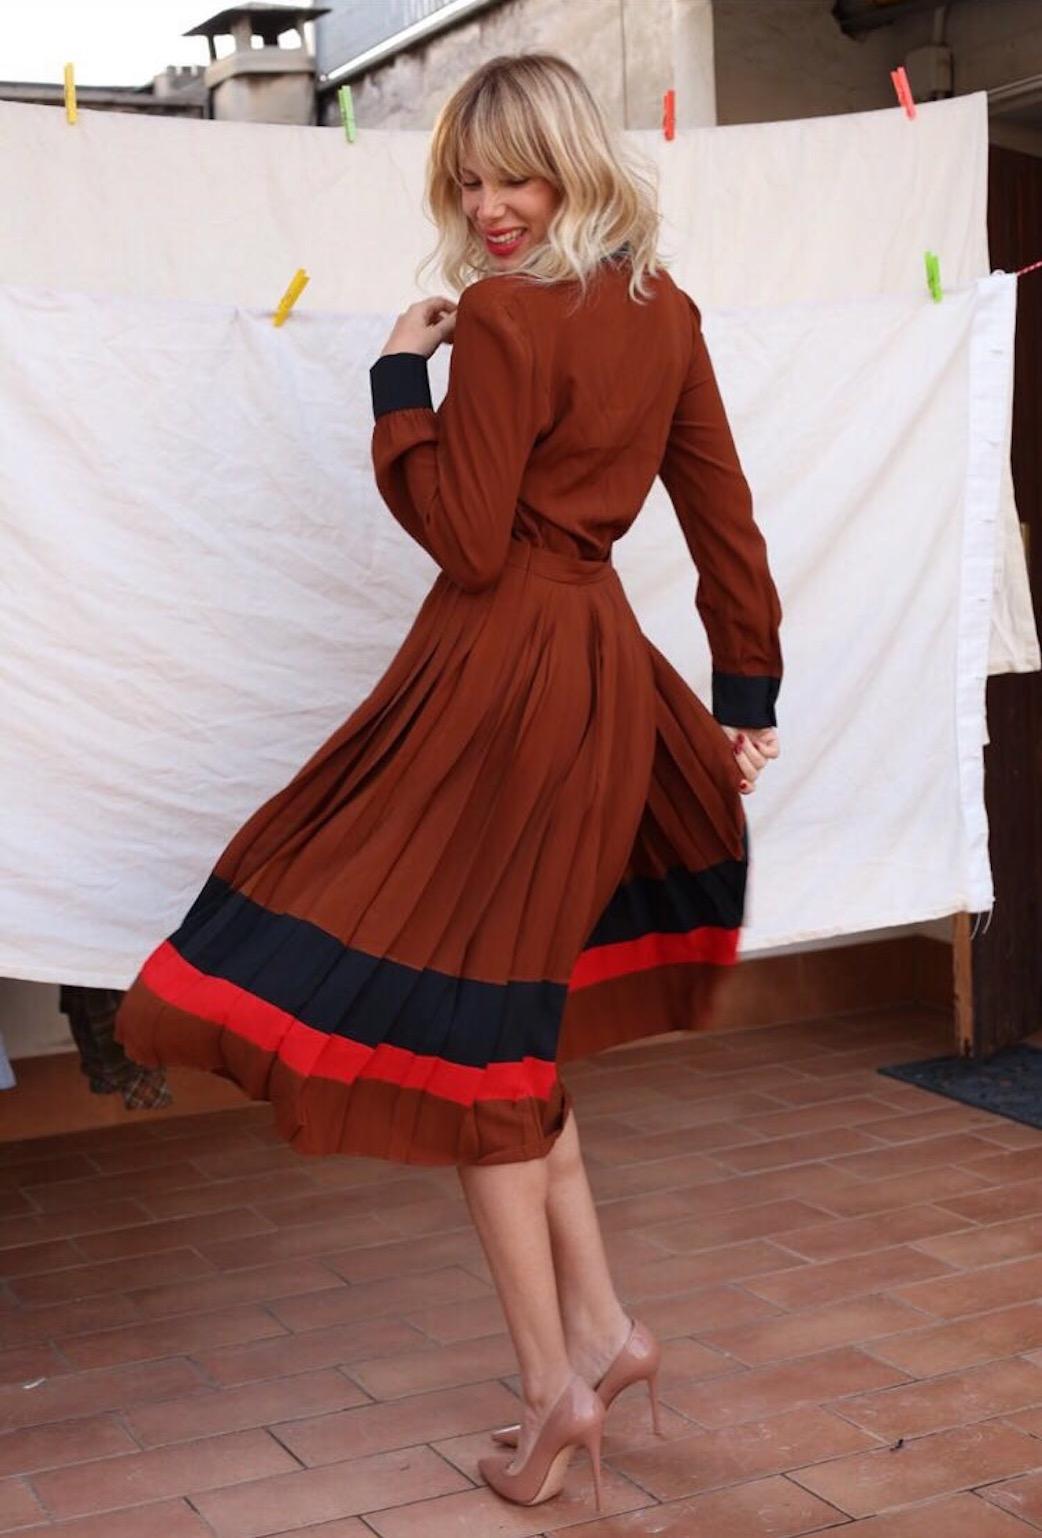 alessia-marcuzzi-terrazza-raffo-vestito8